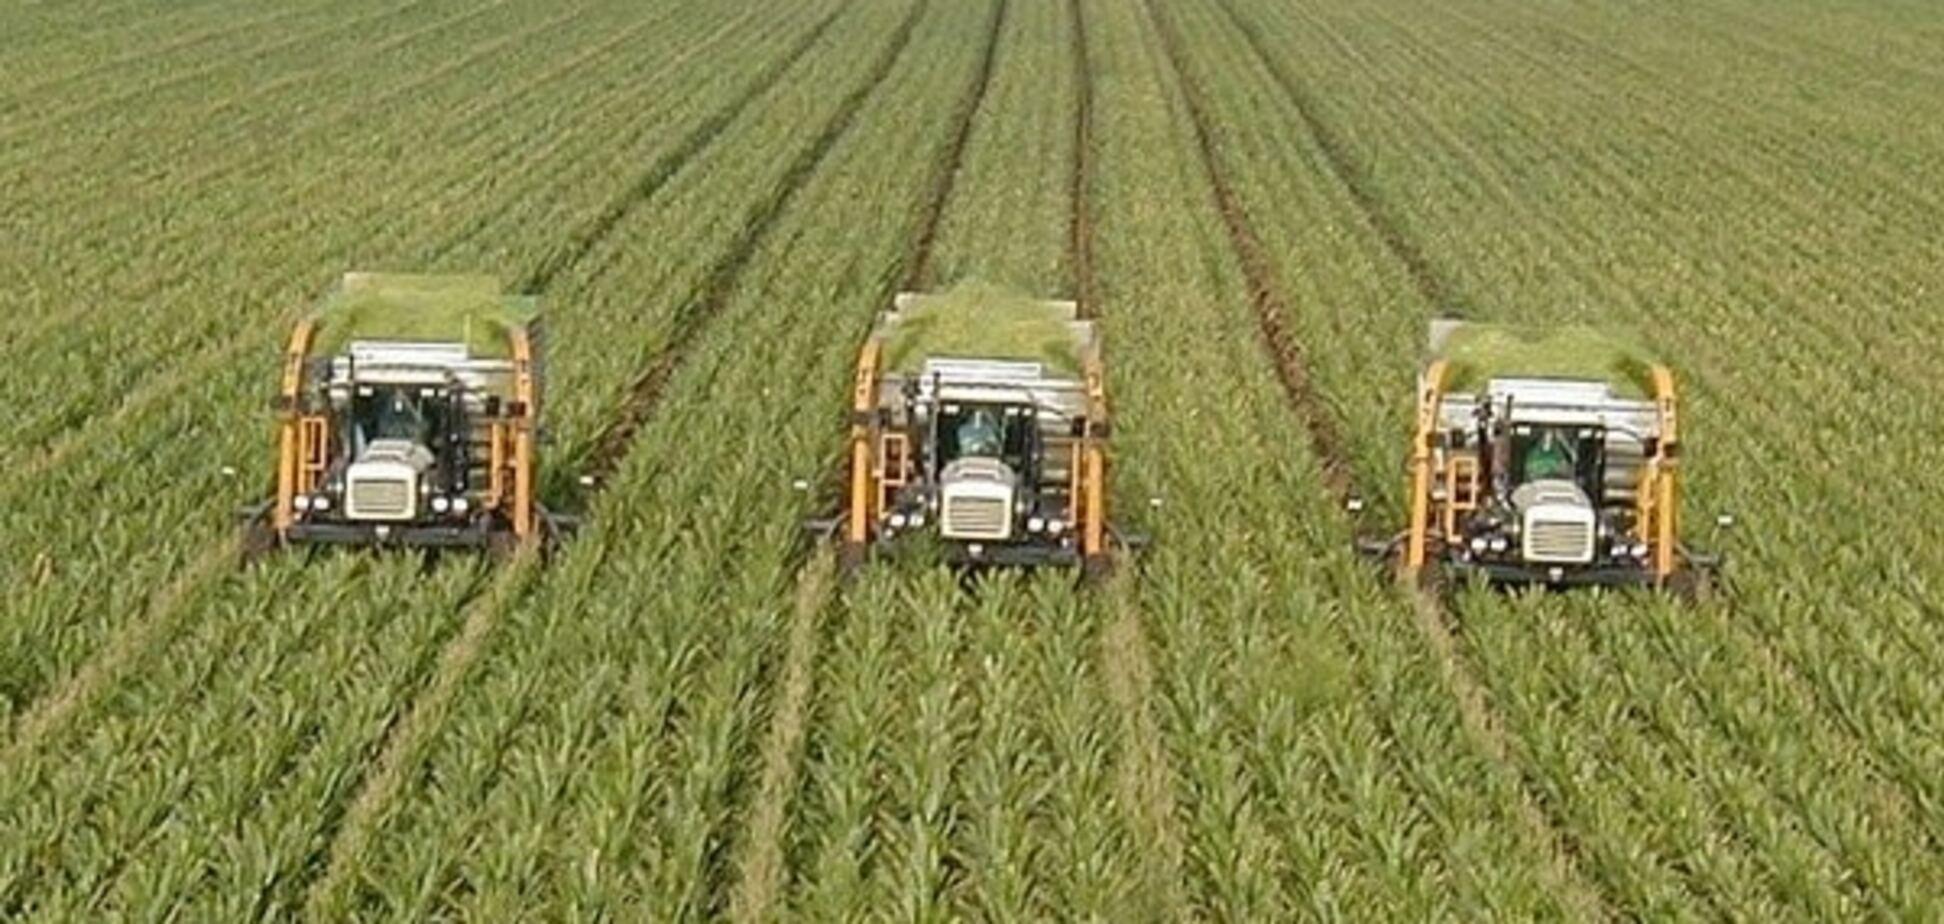 Поле битвы: имущество агрохолдинга 'Мрия' остается яблоком раздора